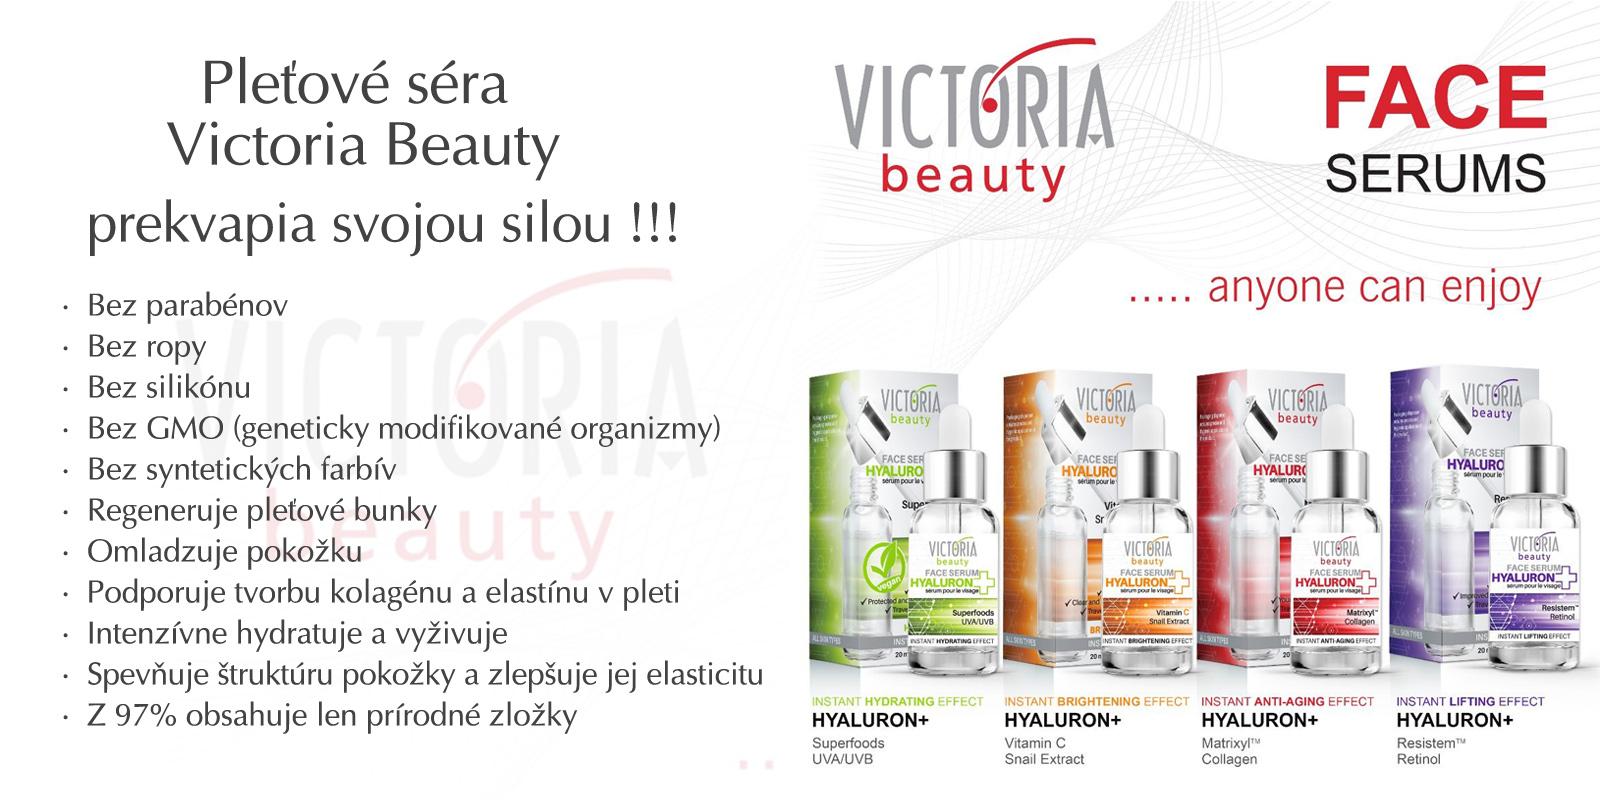 Victoria Beauty pleťové séra